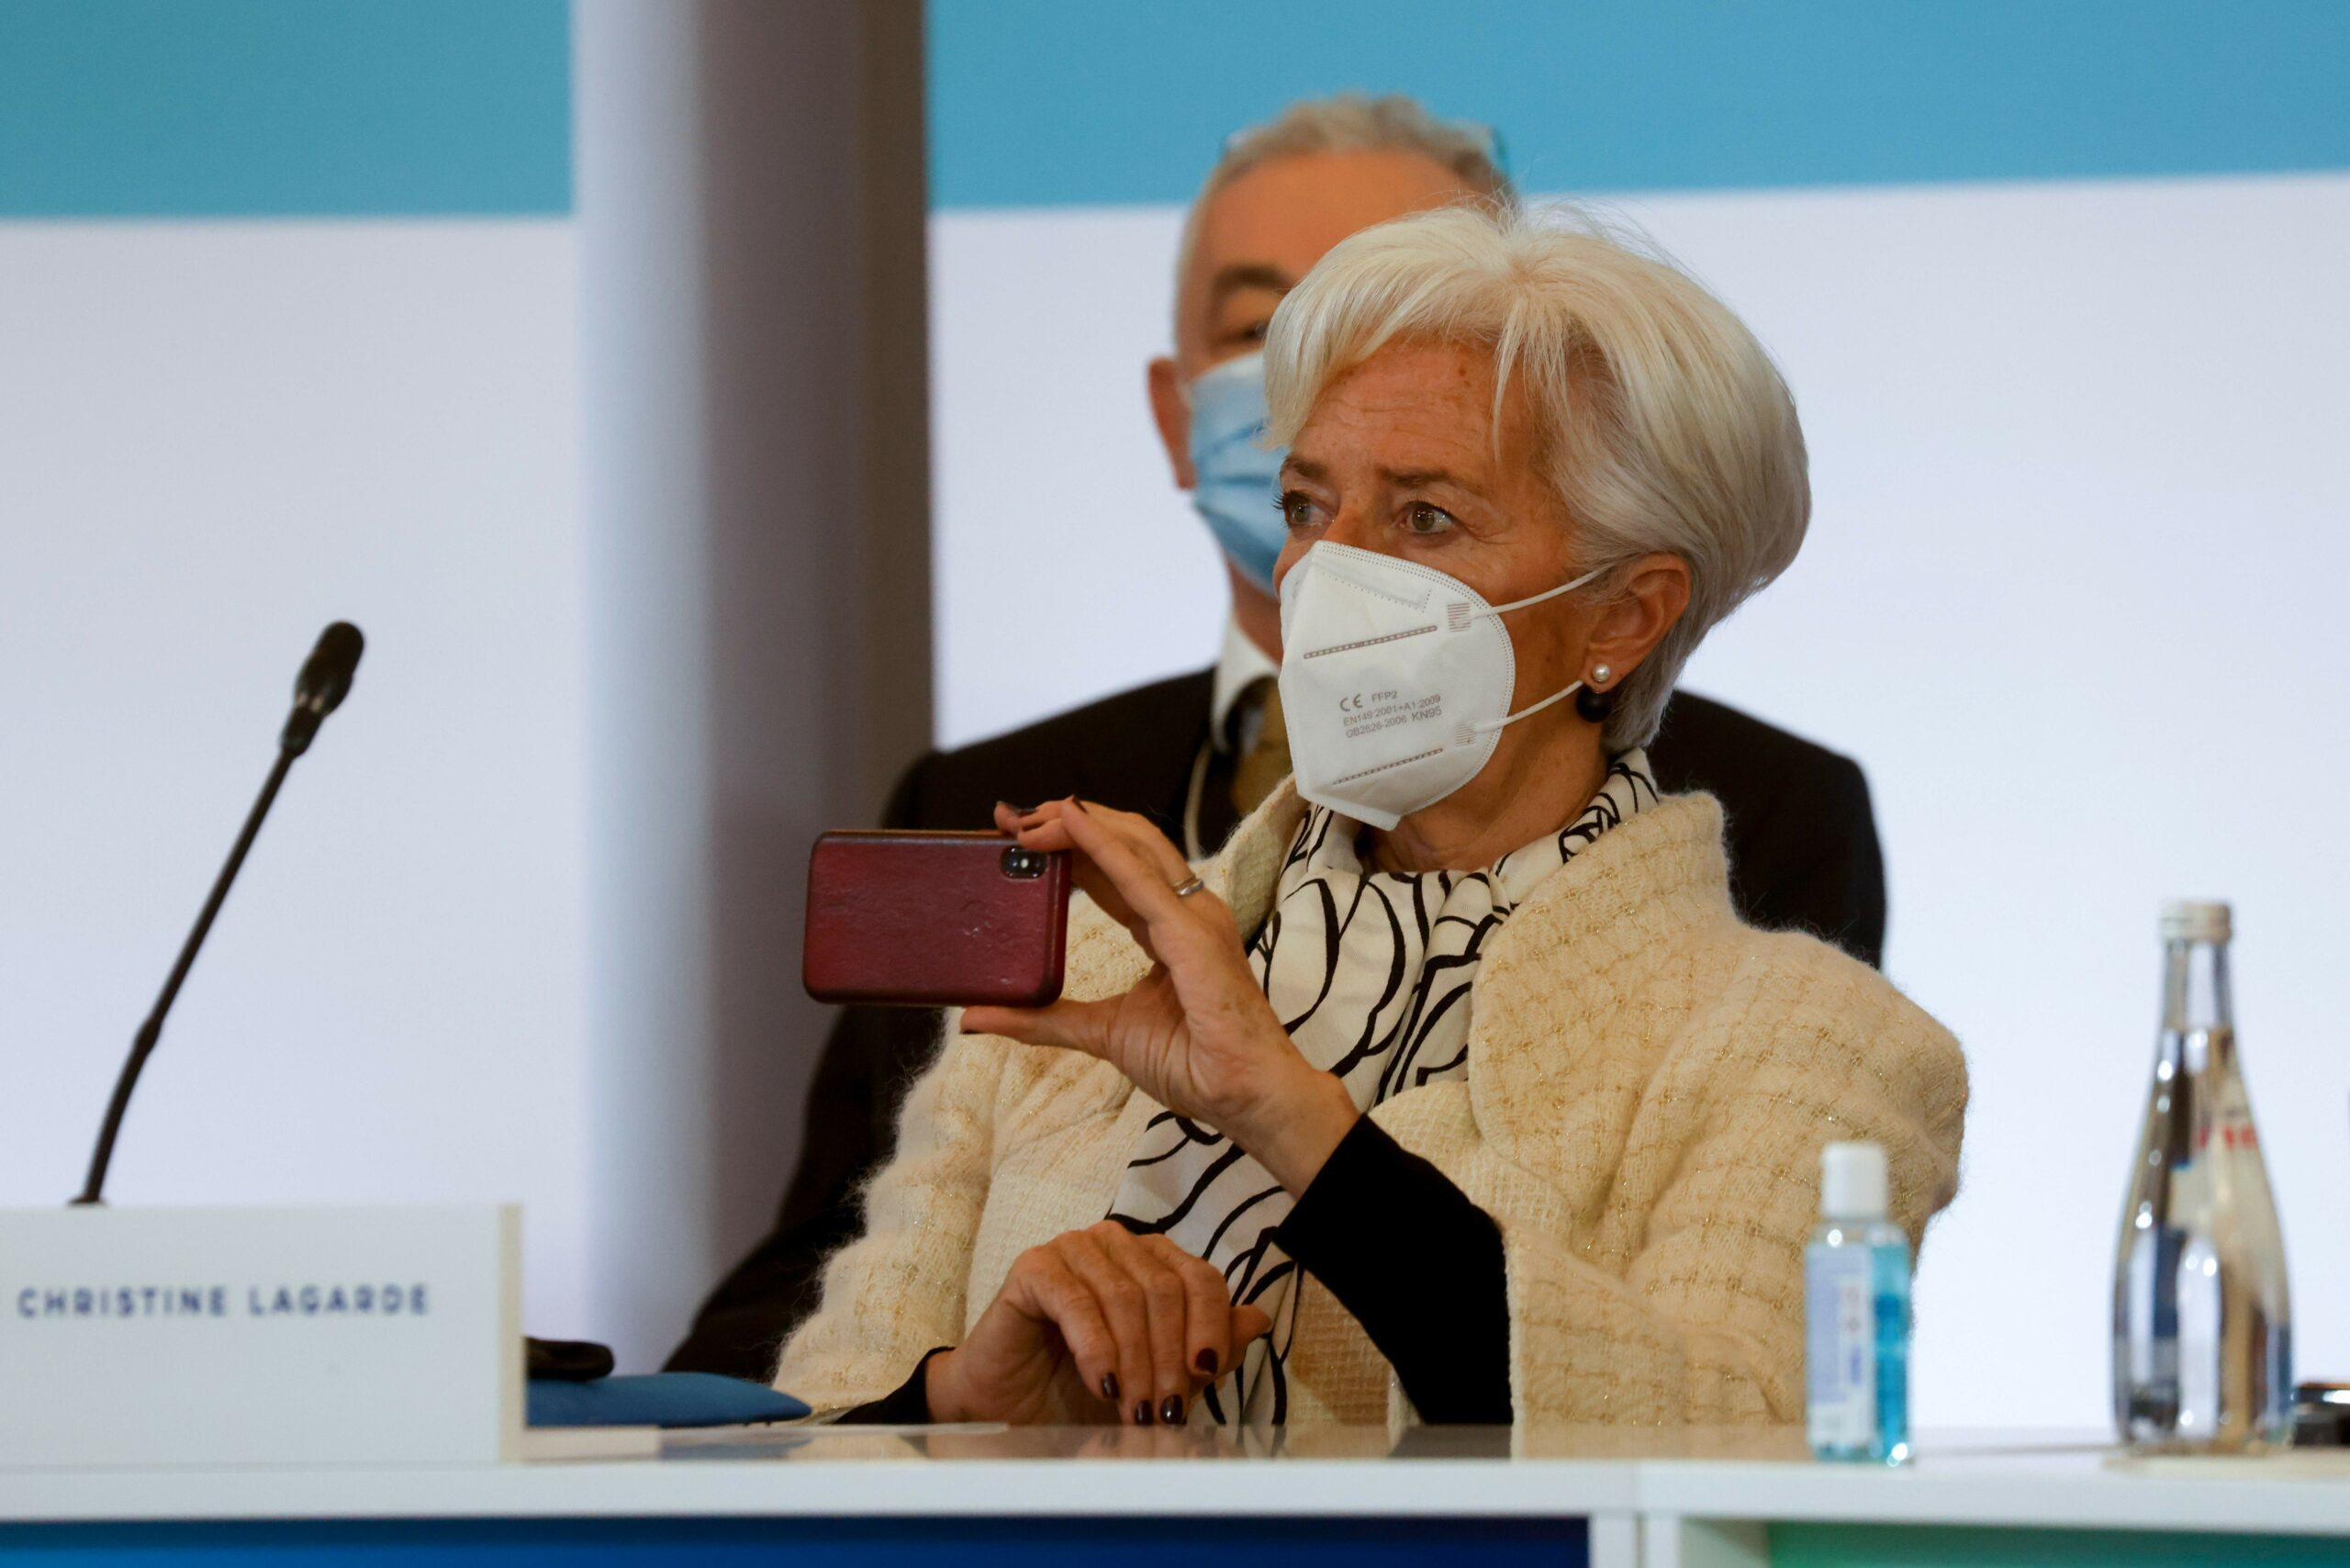 Christine Lagarde, en una reunió a París, l'11 de gener / Ludovic Marin/AFP/dpa